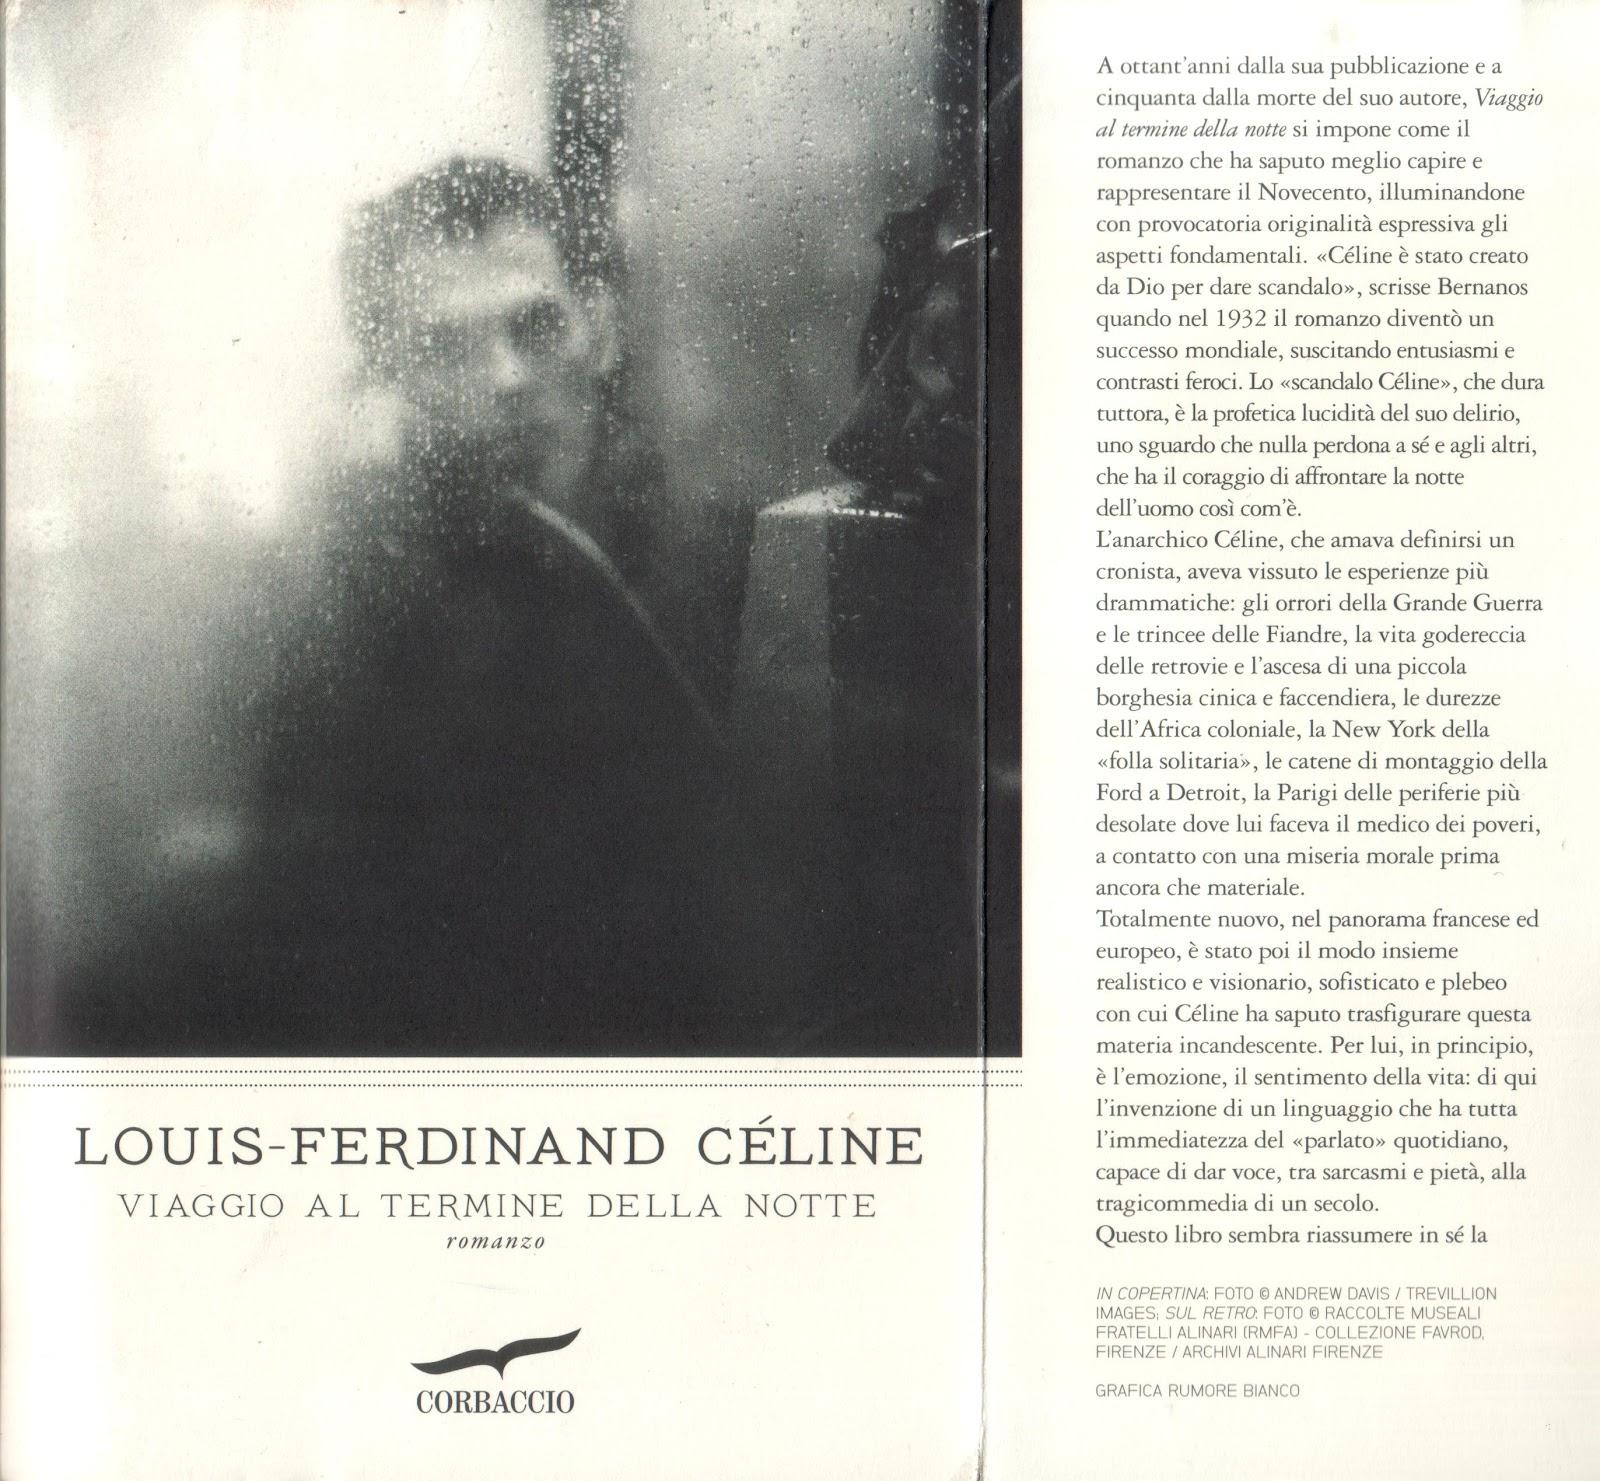 celine viaggio al termine della notte  LOUIS-FERDINAND CÉLINE – VIAGGIO AL TERMINE DELLA NOTTE (CORBACCIO ...